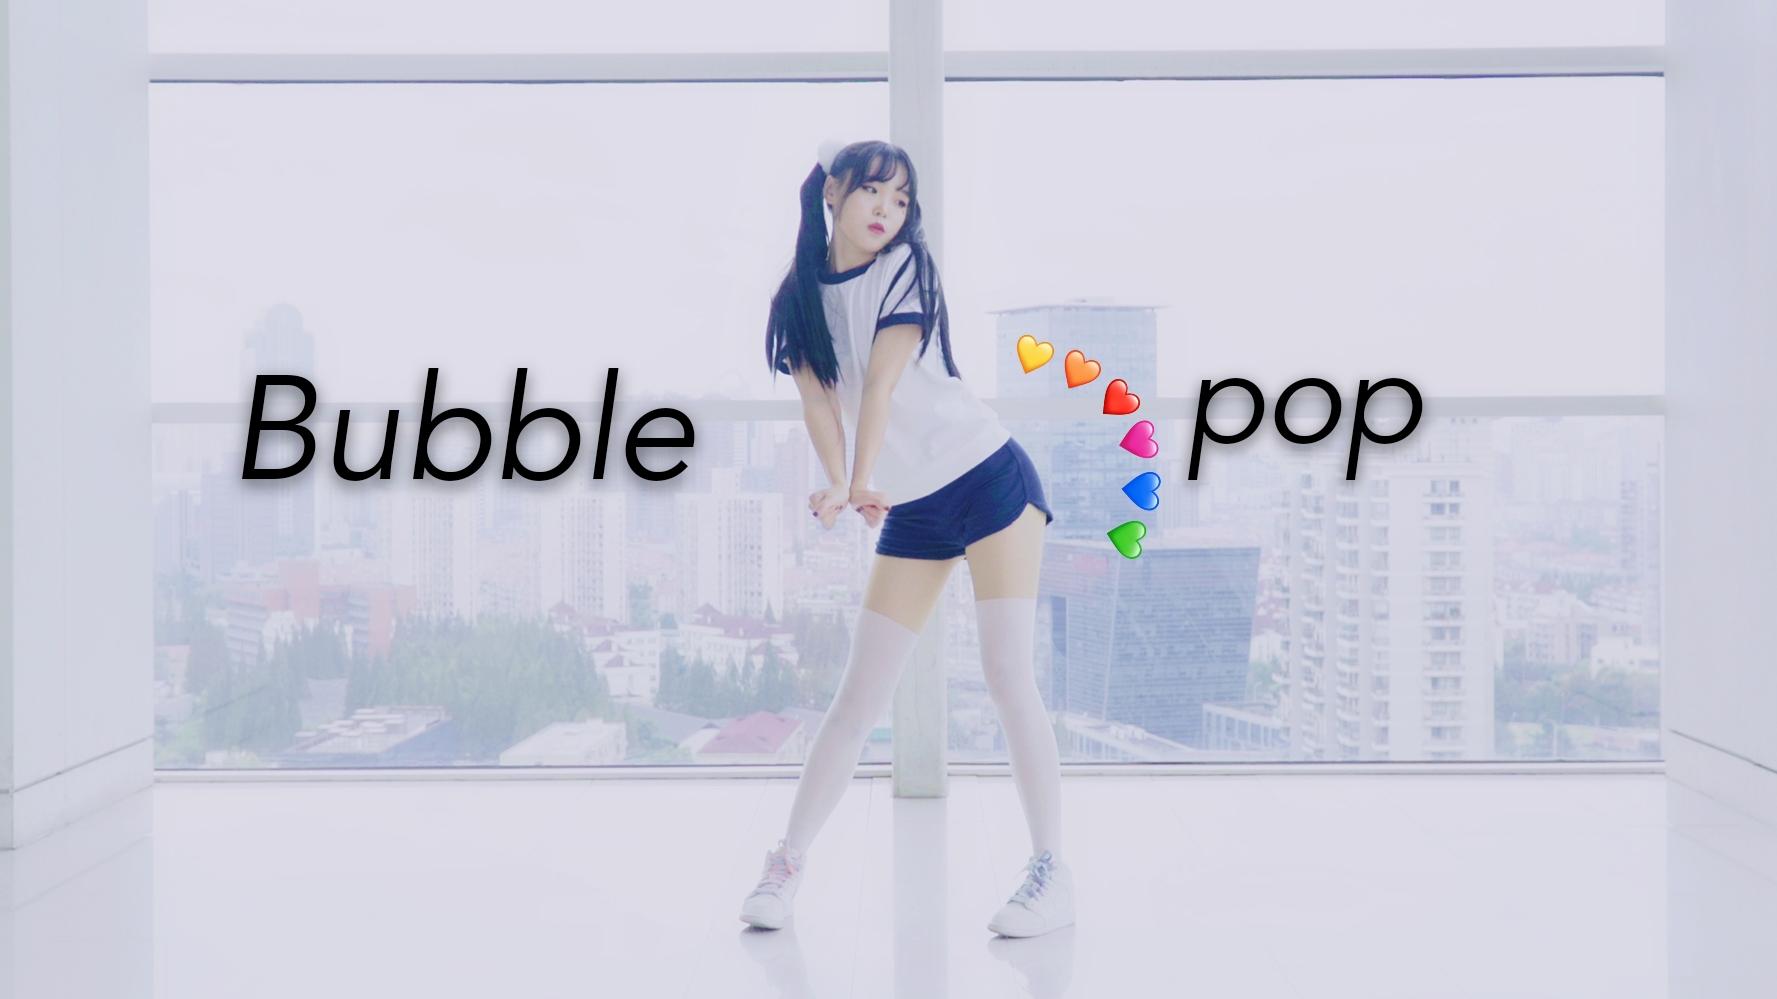 【慕】Bubble pop~元气小学妹